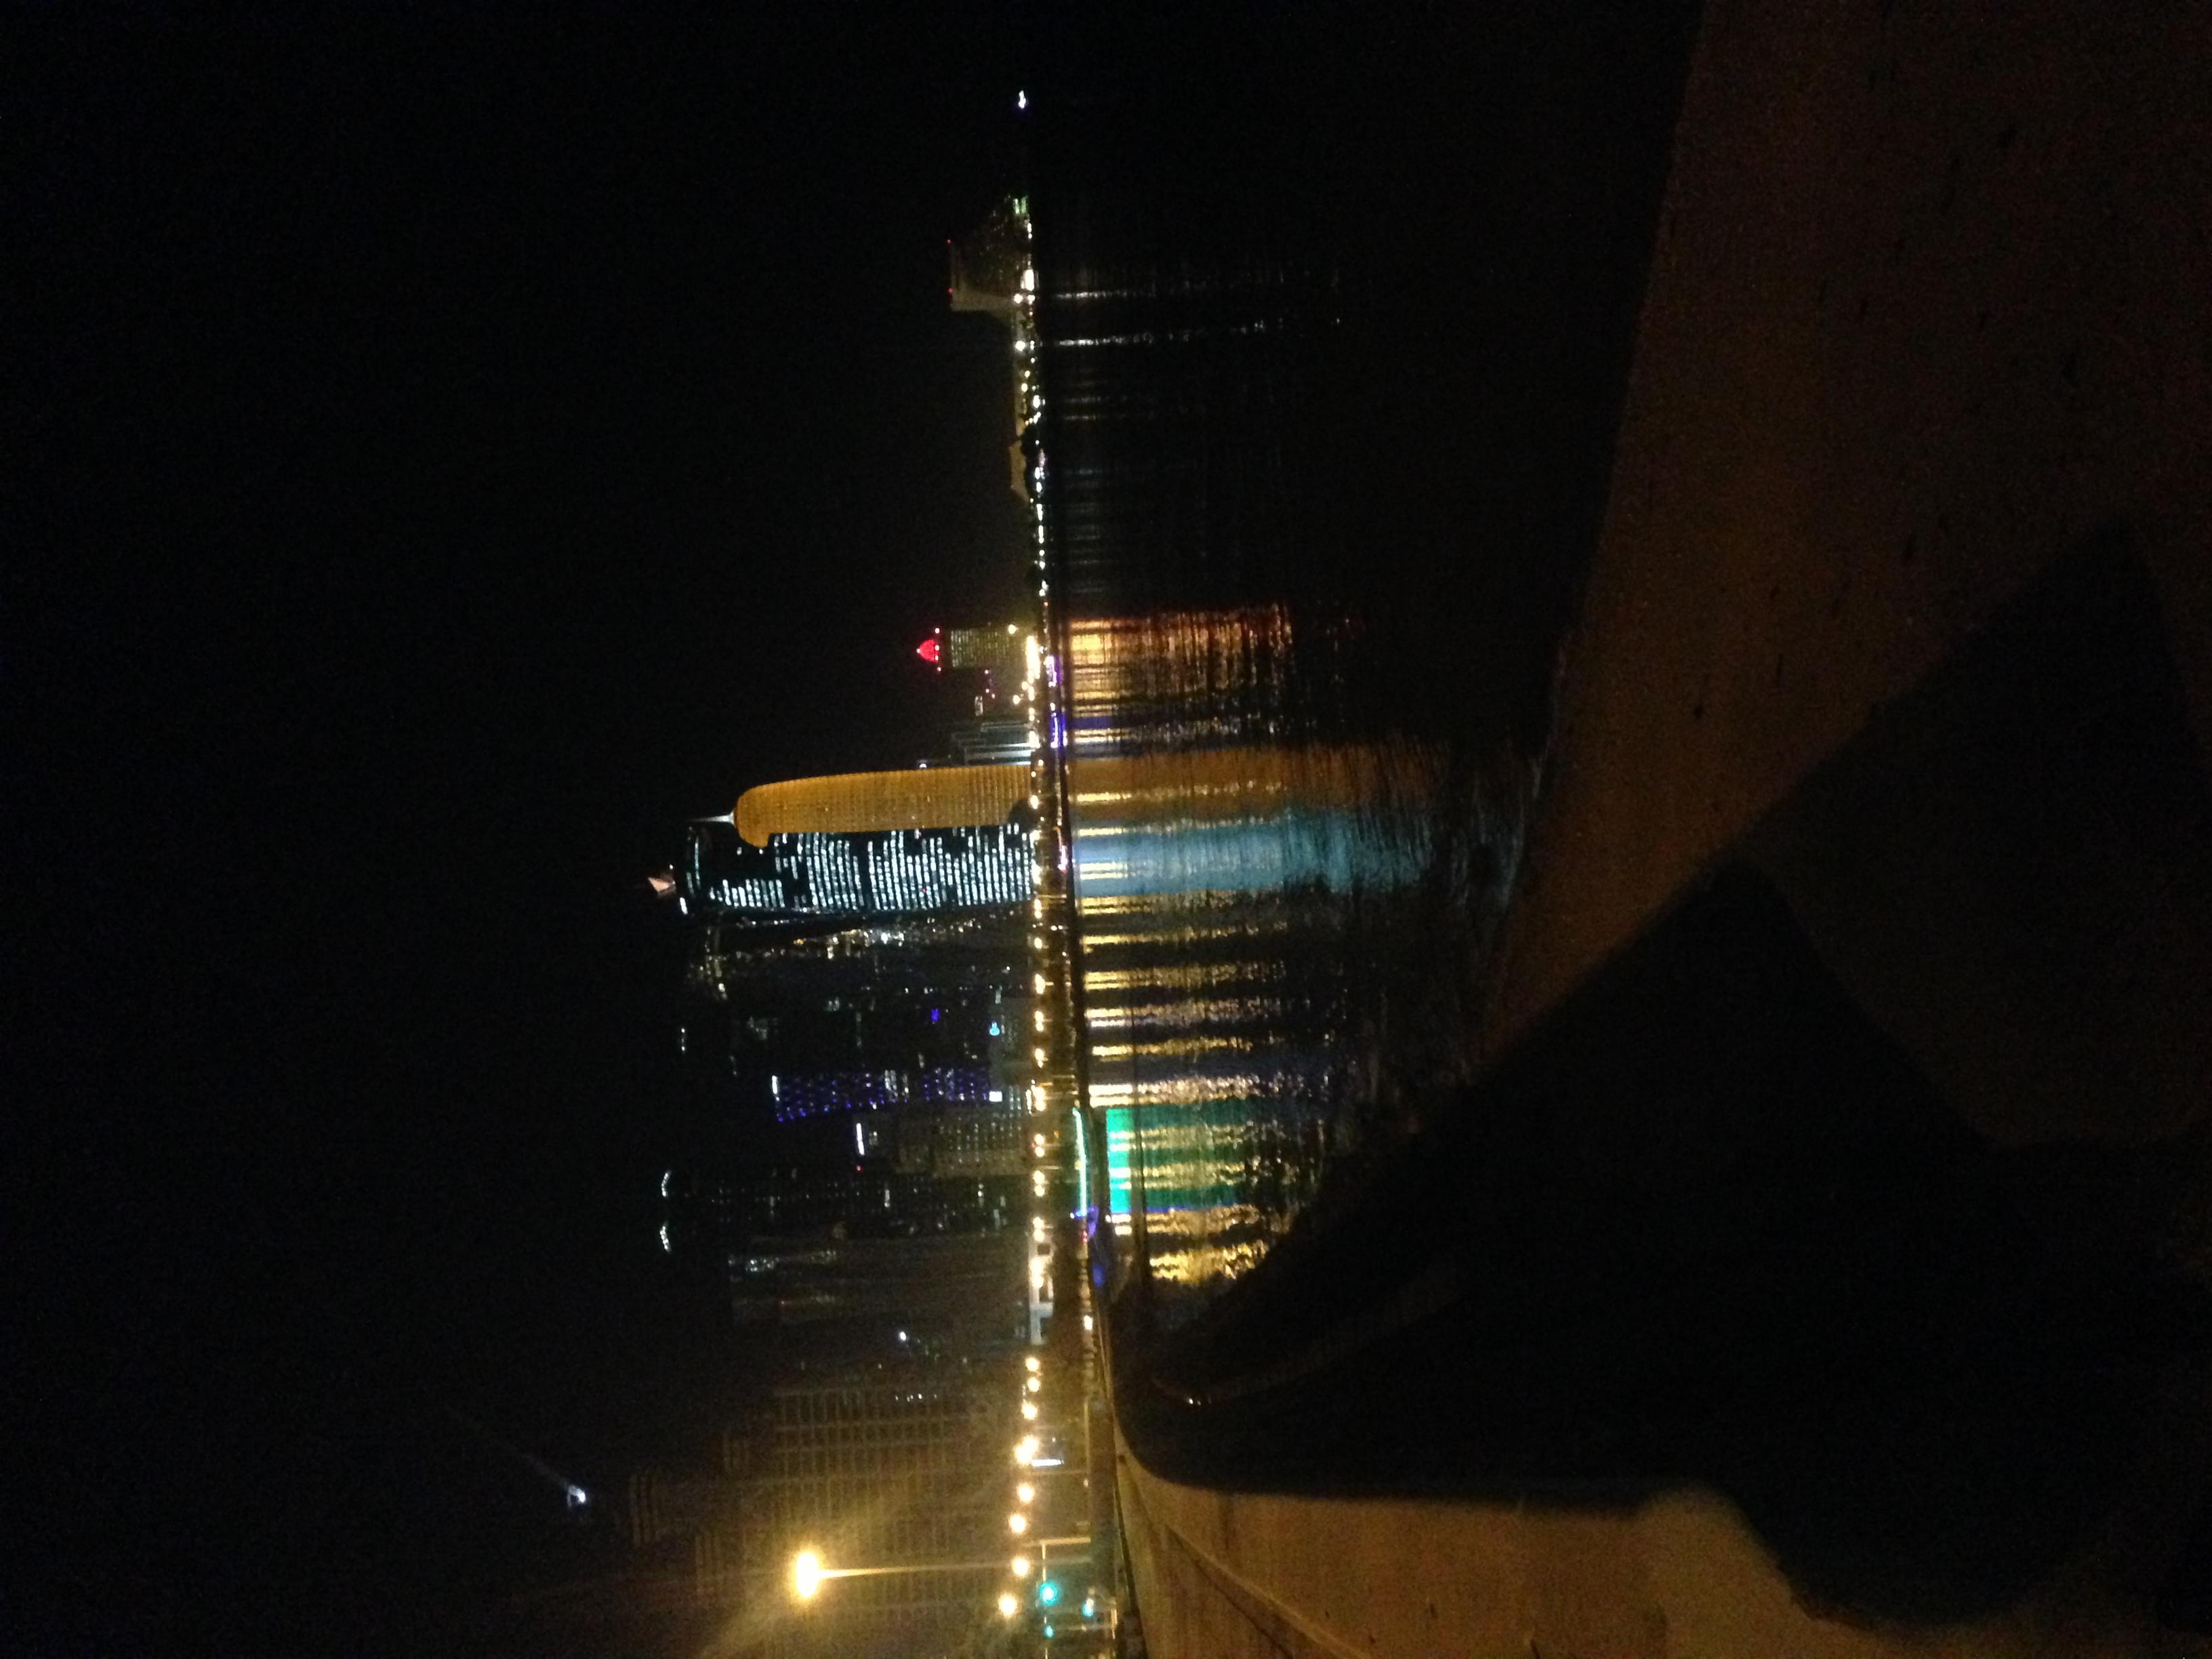 تقرير مدعوم بصور رحلتي لقطر / الدوحة عيد الأضحى 2016